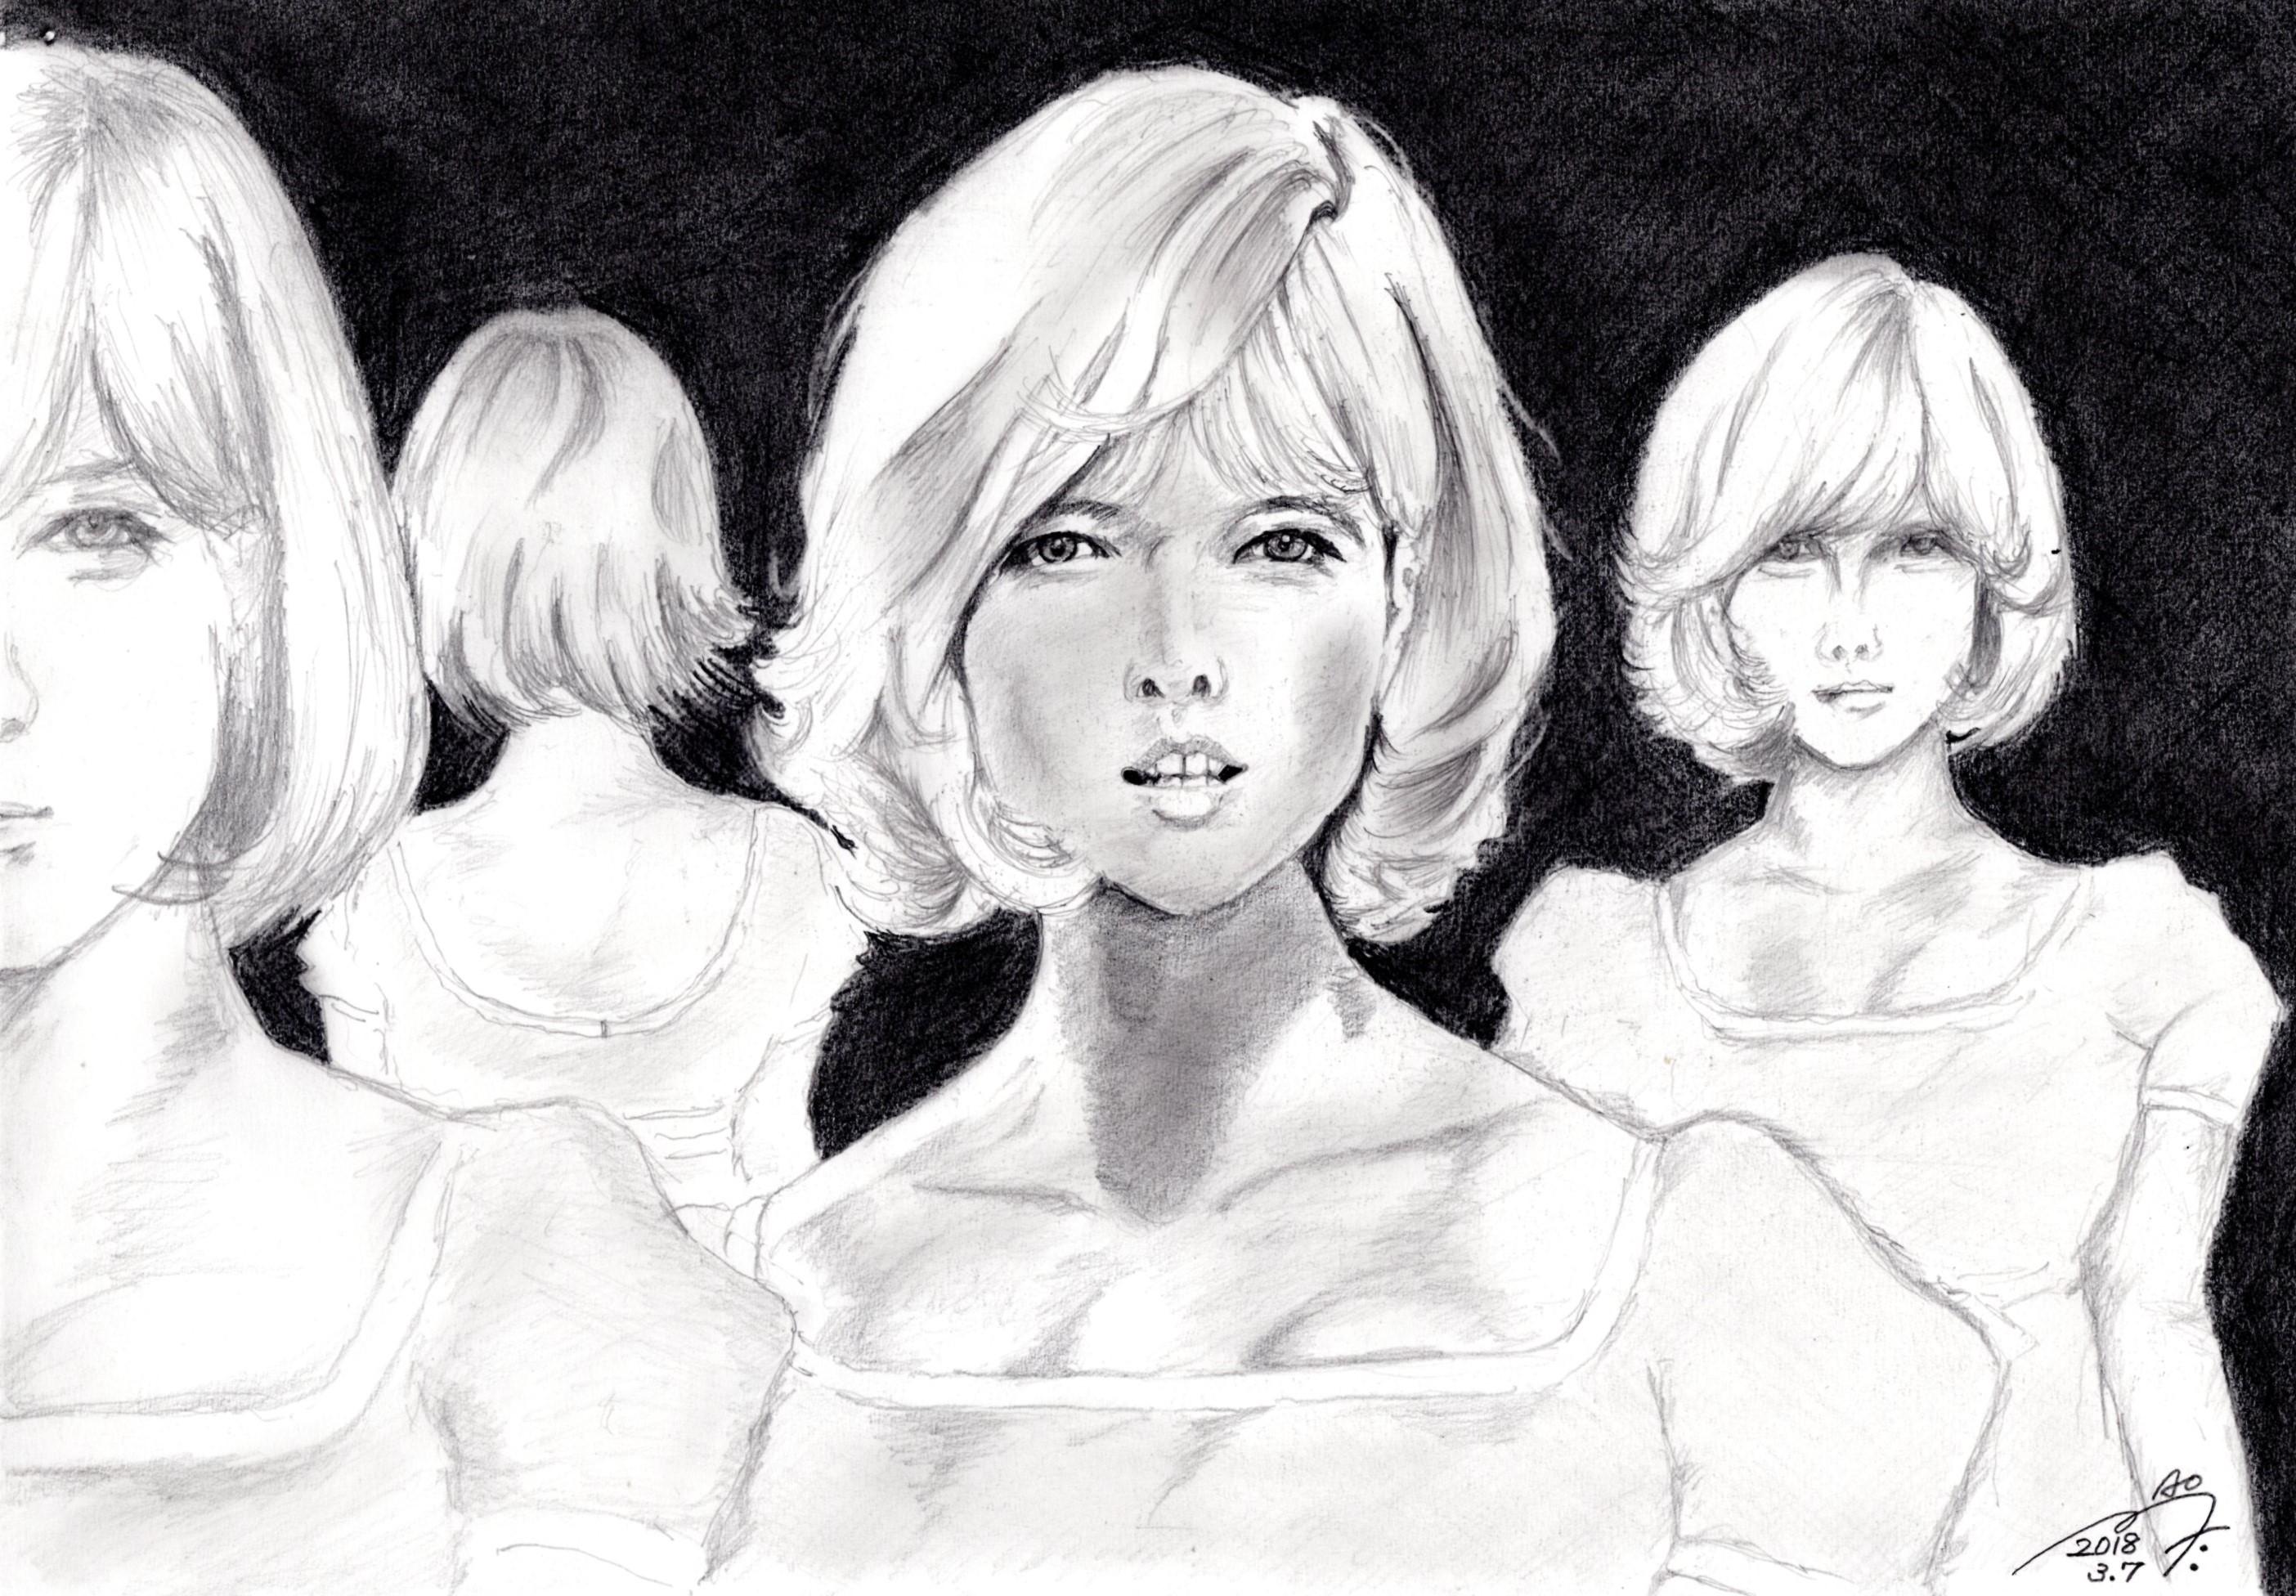 シルヴィ・ヴァルタンの鉛筆画似顔絵